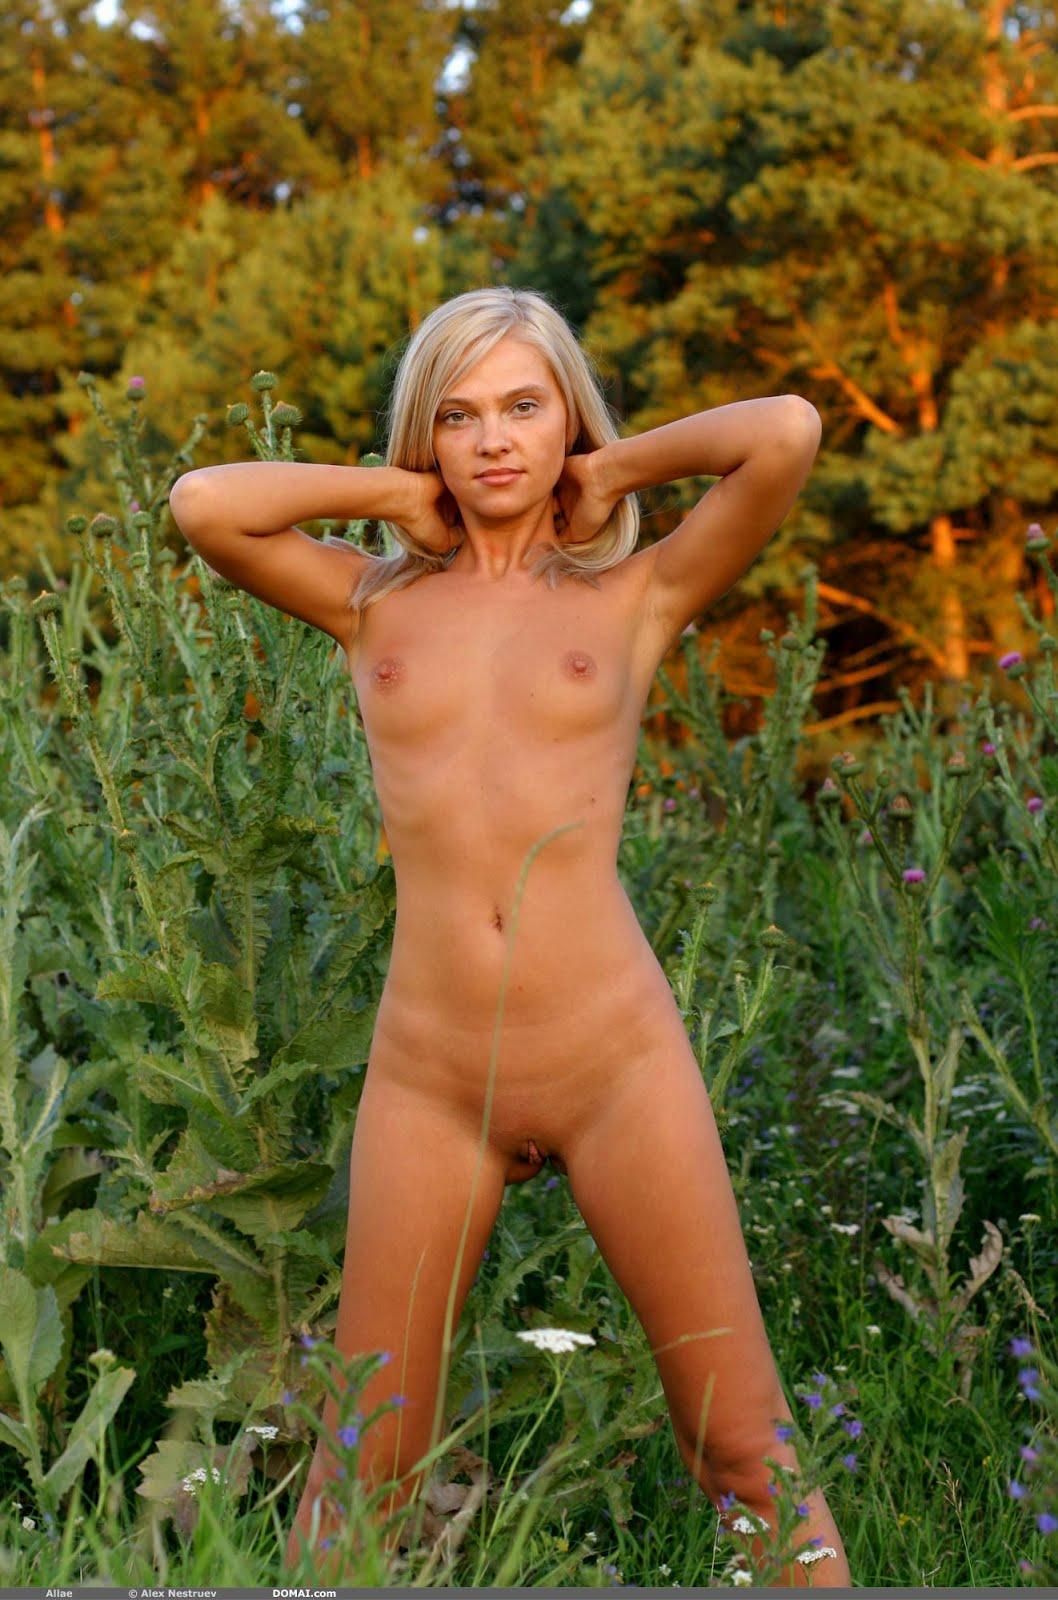 With allae domai nude